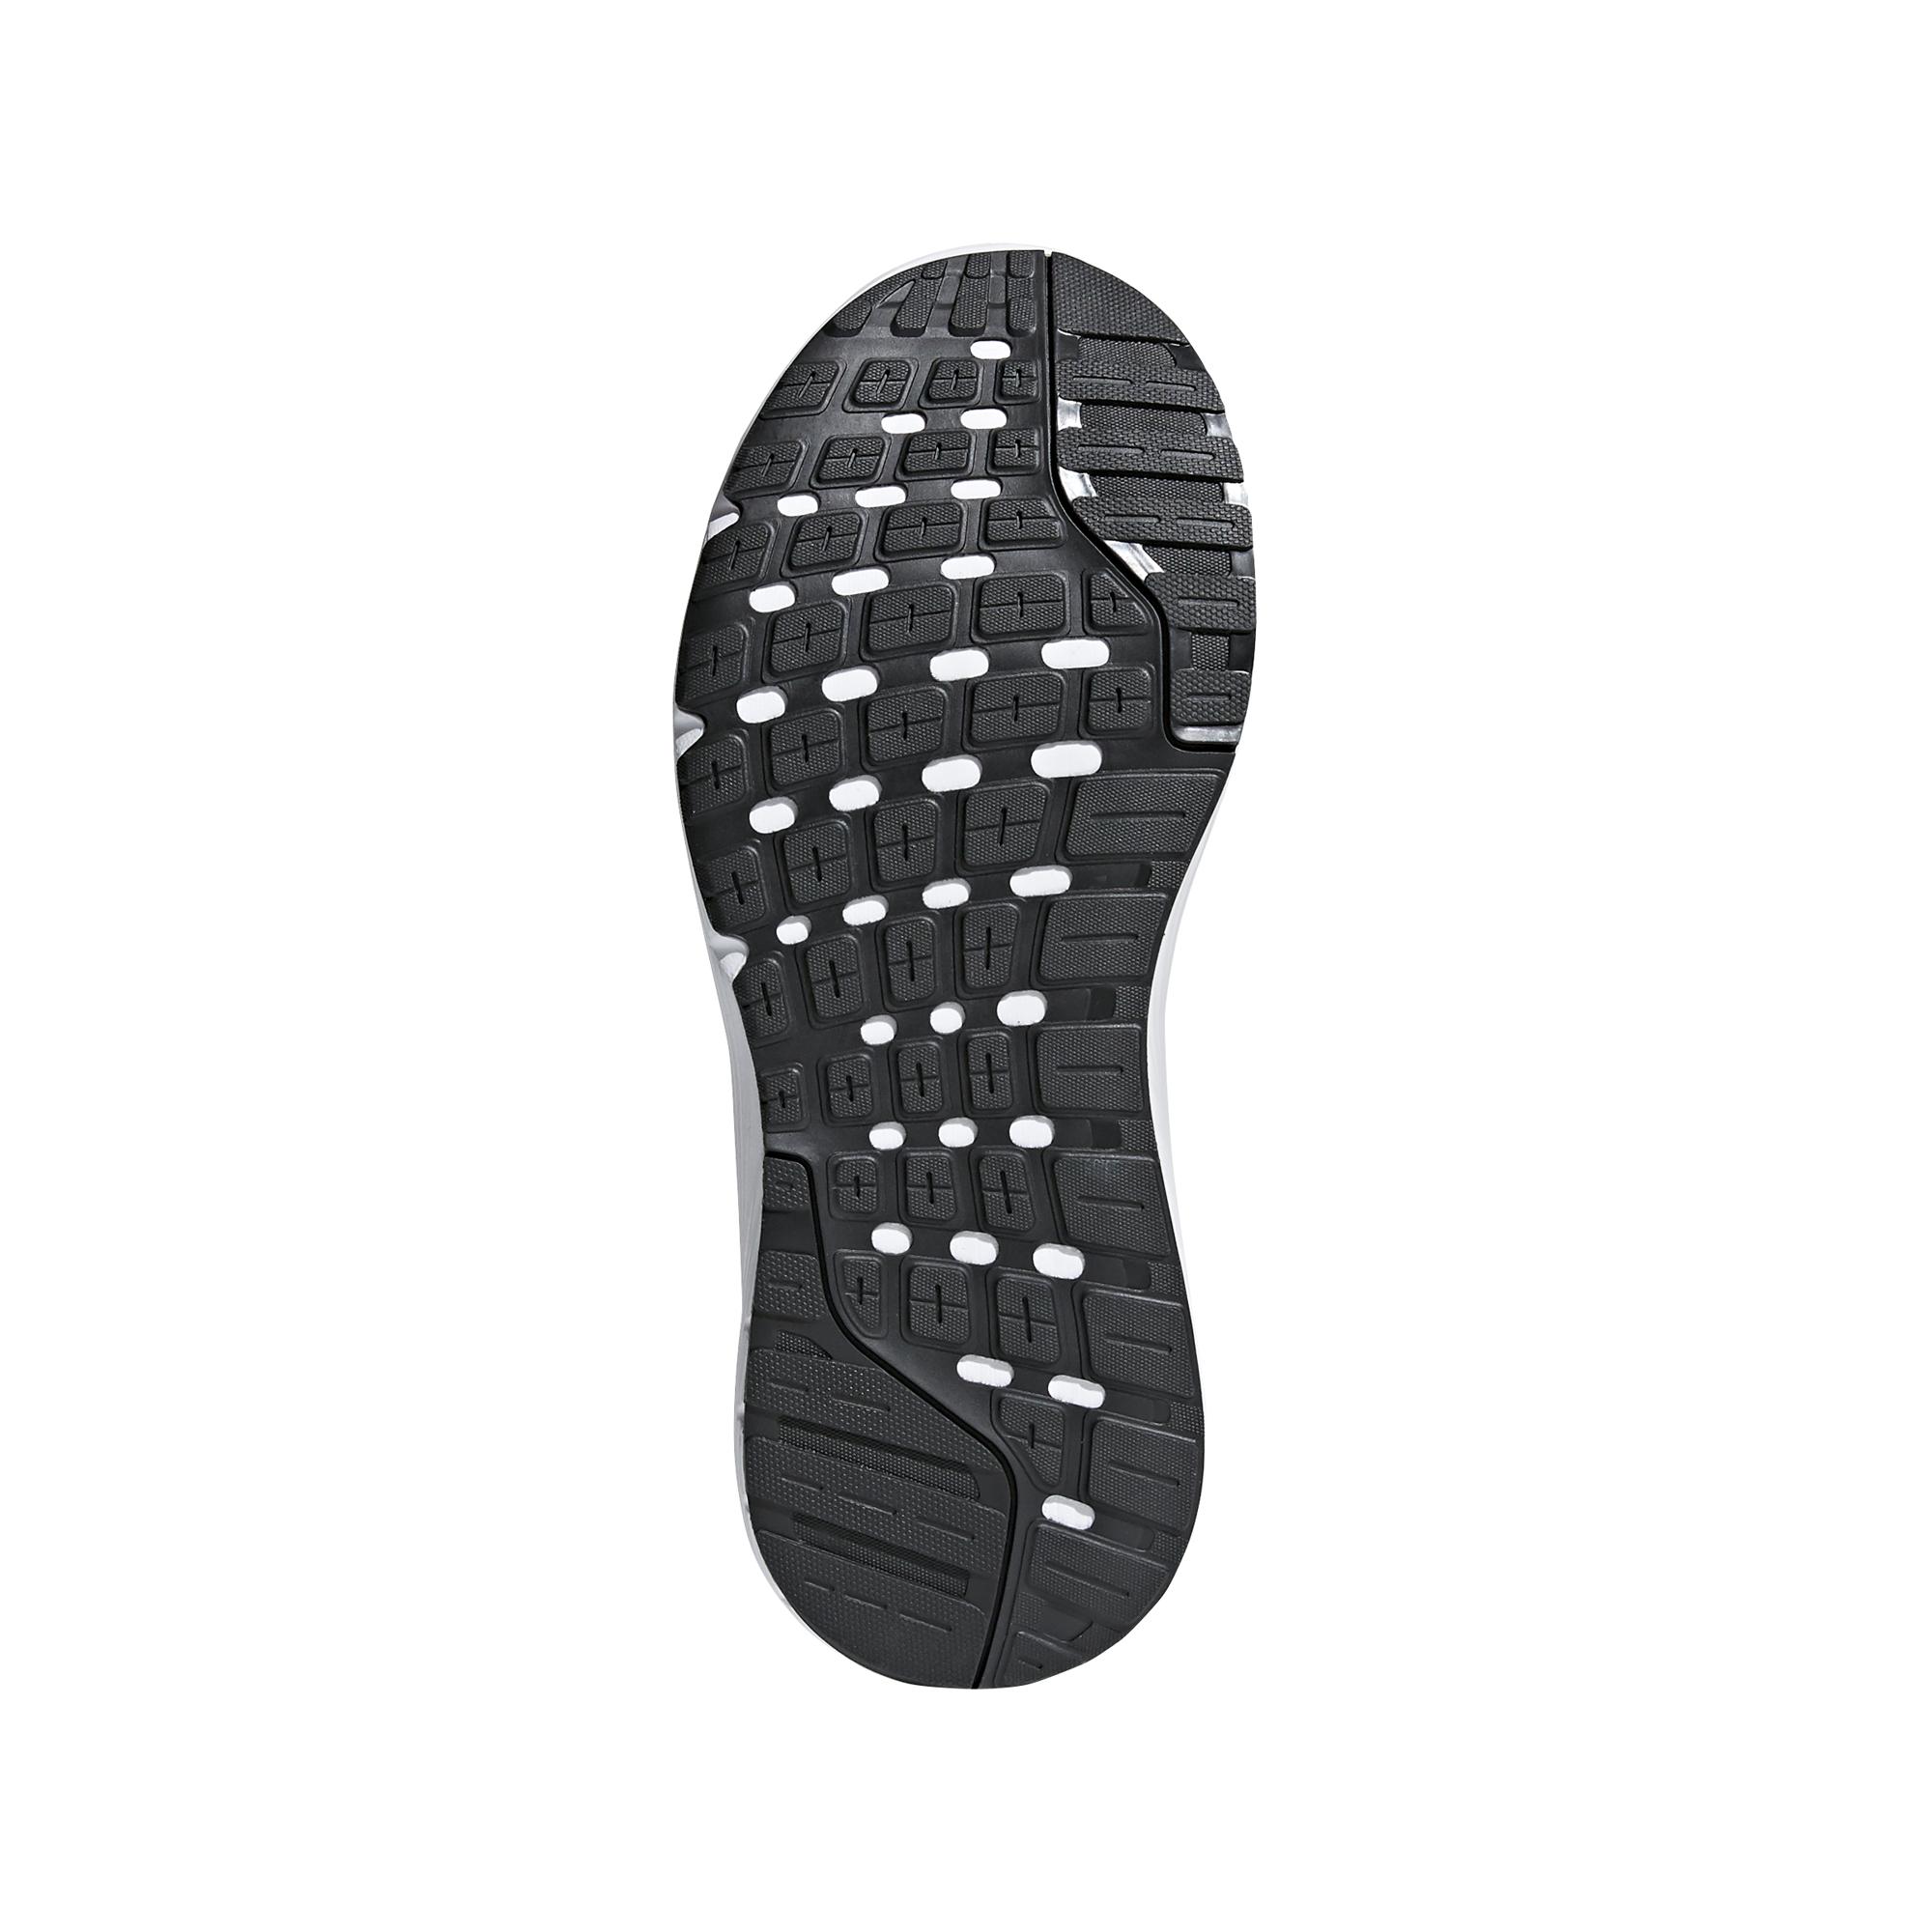 ADIDAS GALAXY 3 W (BB4366) Damskie | cena 39,99 PLN, kolor SZARY | Buty do biegania adidas